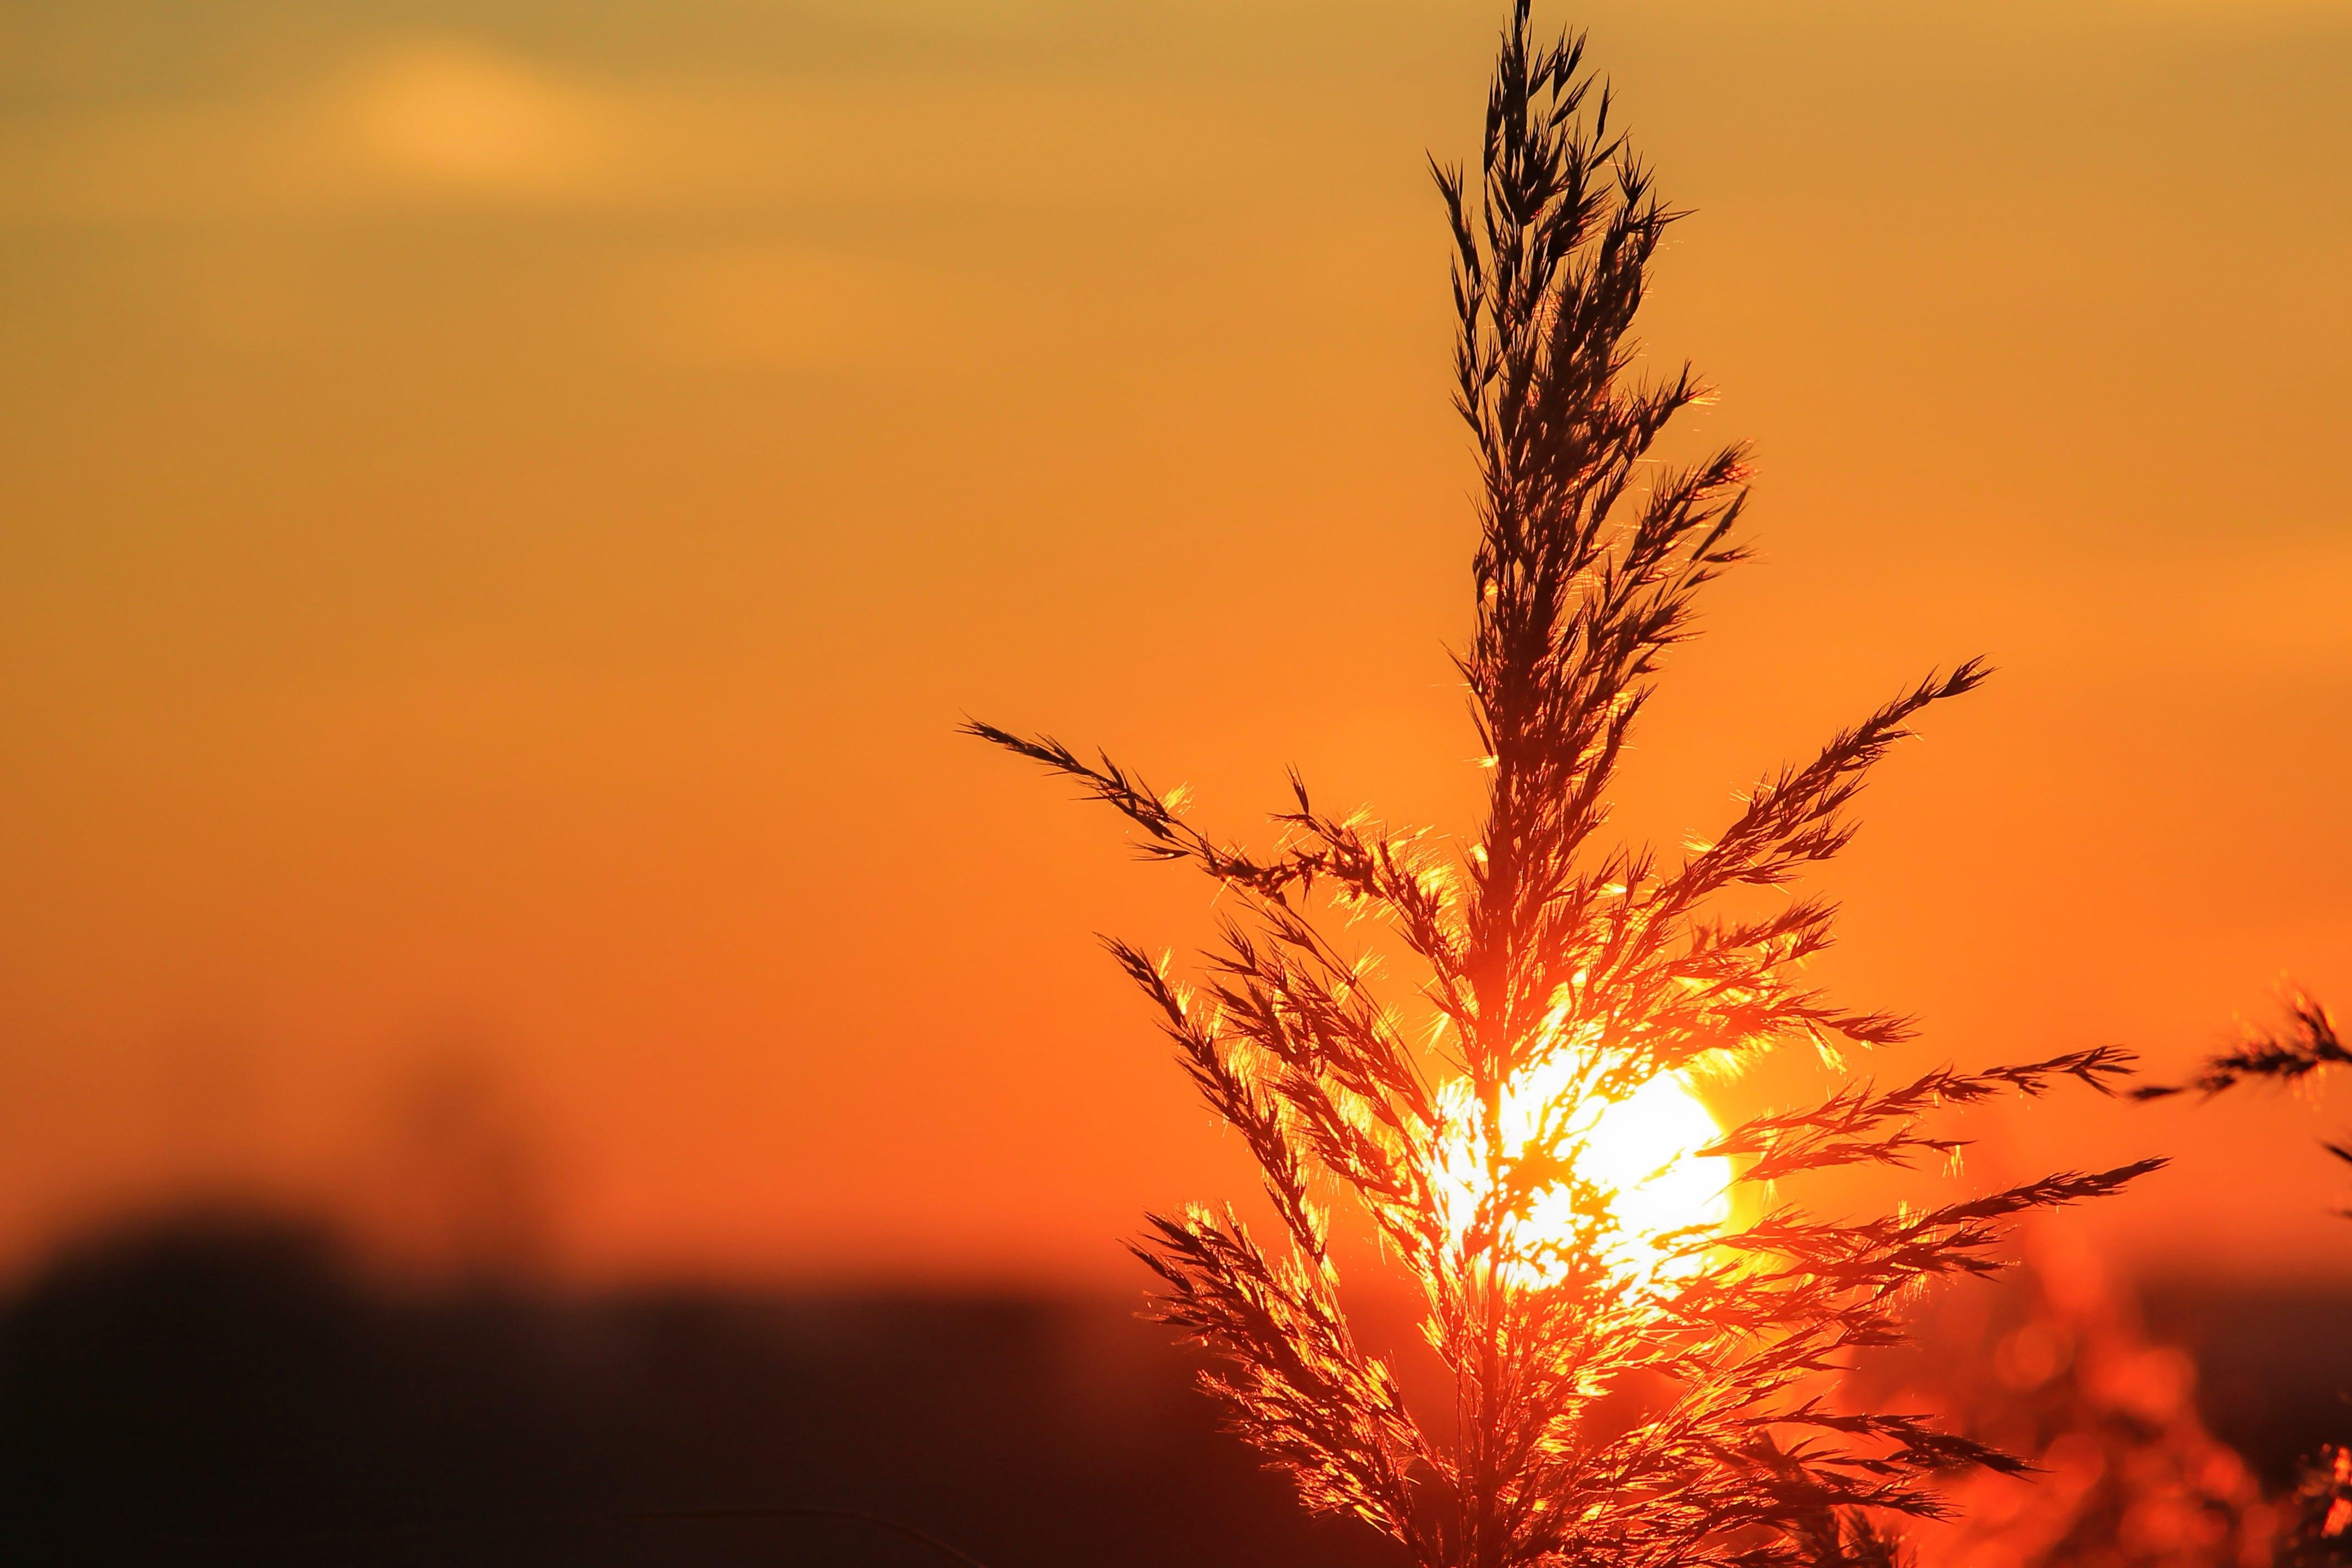 arkadan aydınlatılmış, doğa, gökyüzü